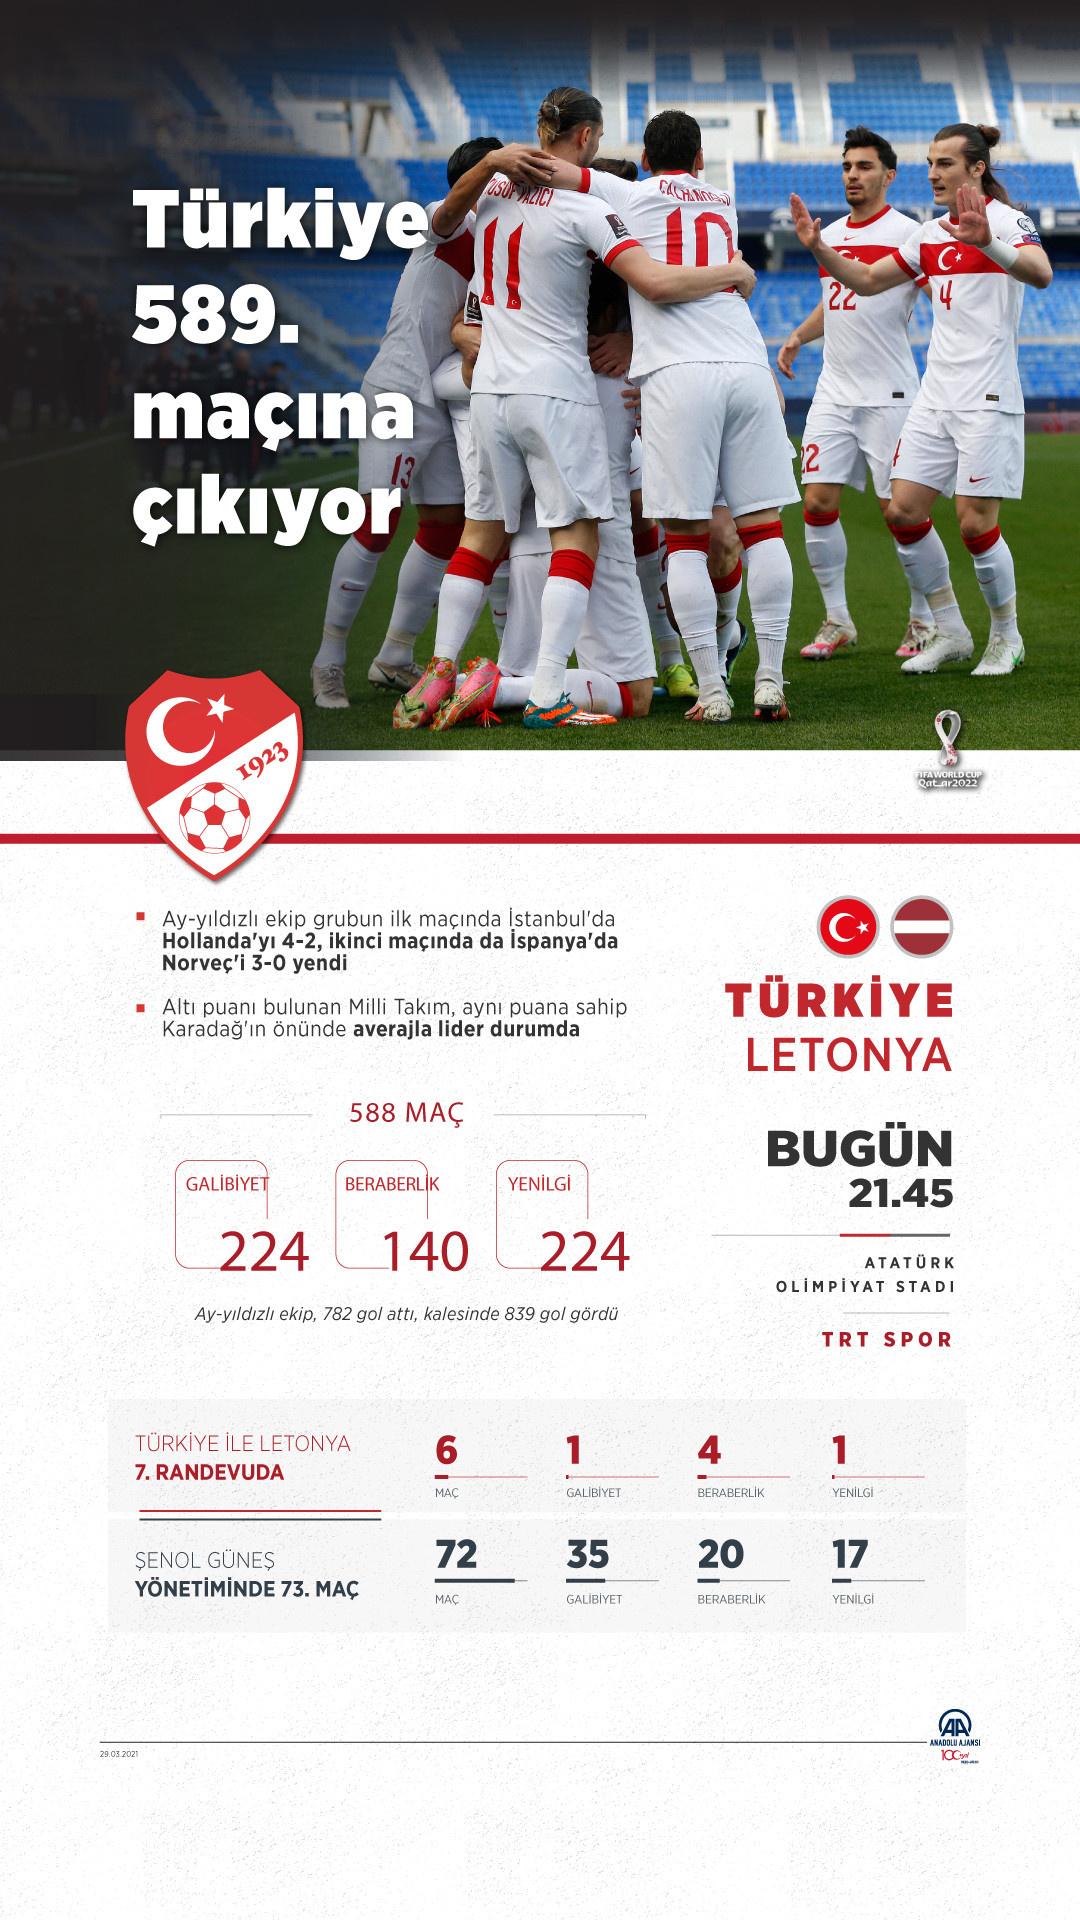 Türkiye Letonya maçı saat kaçta hangi kanalda?